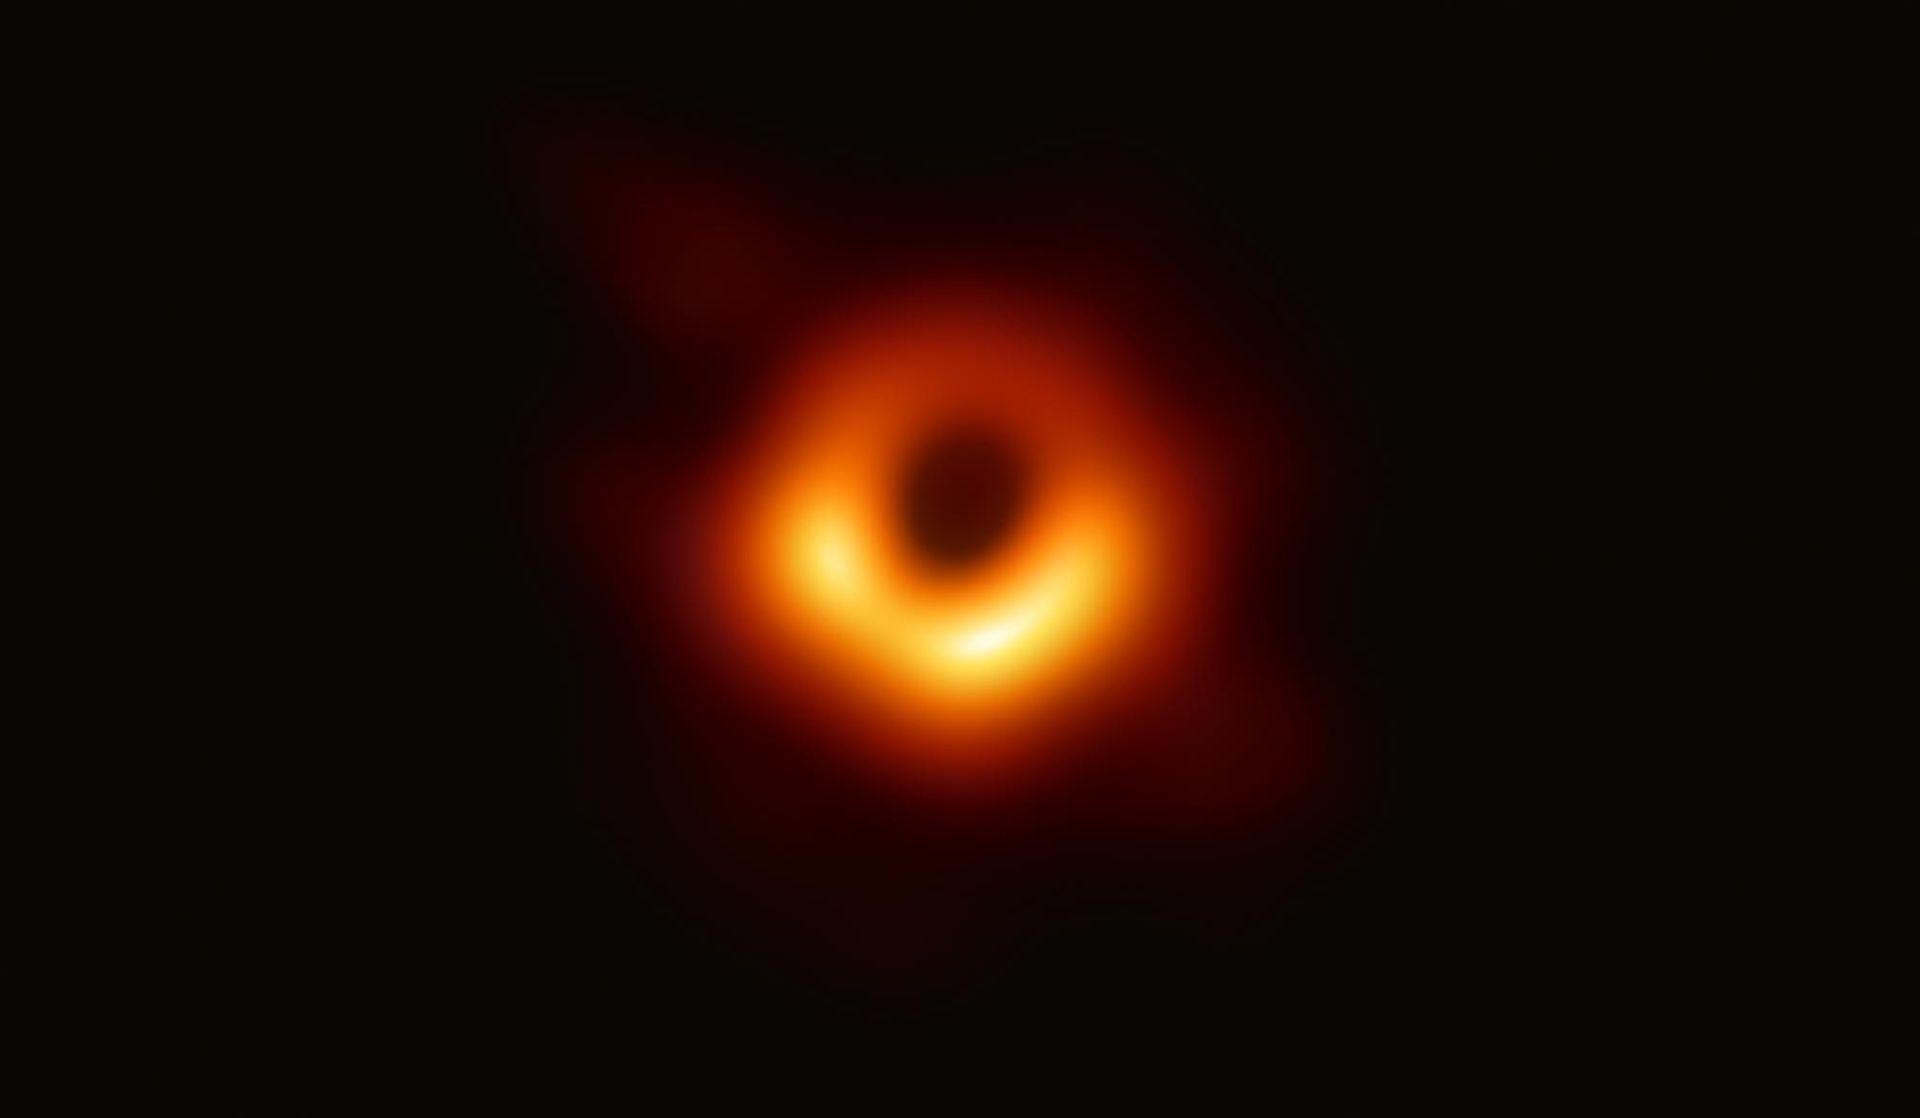 Forskare som fotade massivt svart hål vinner fint pris